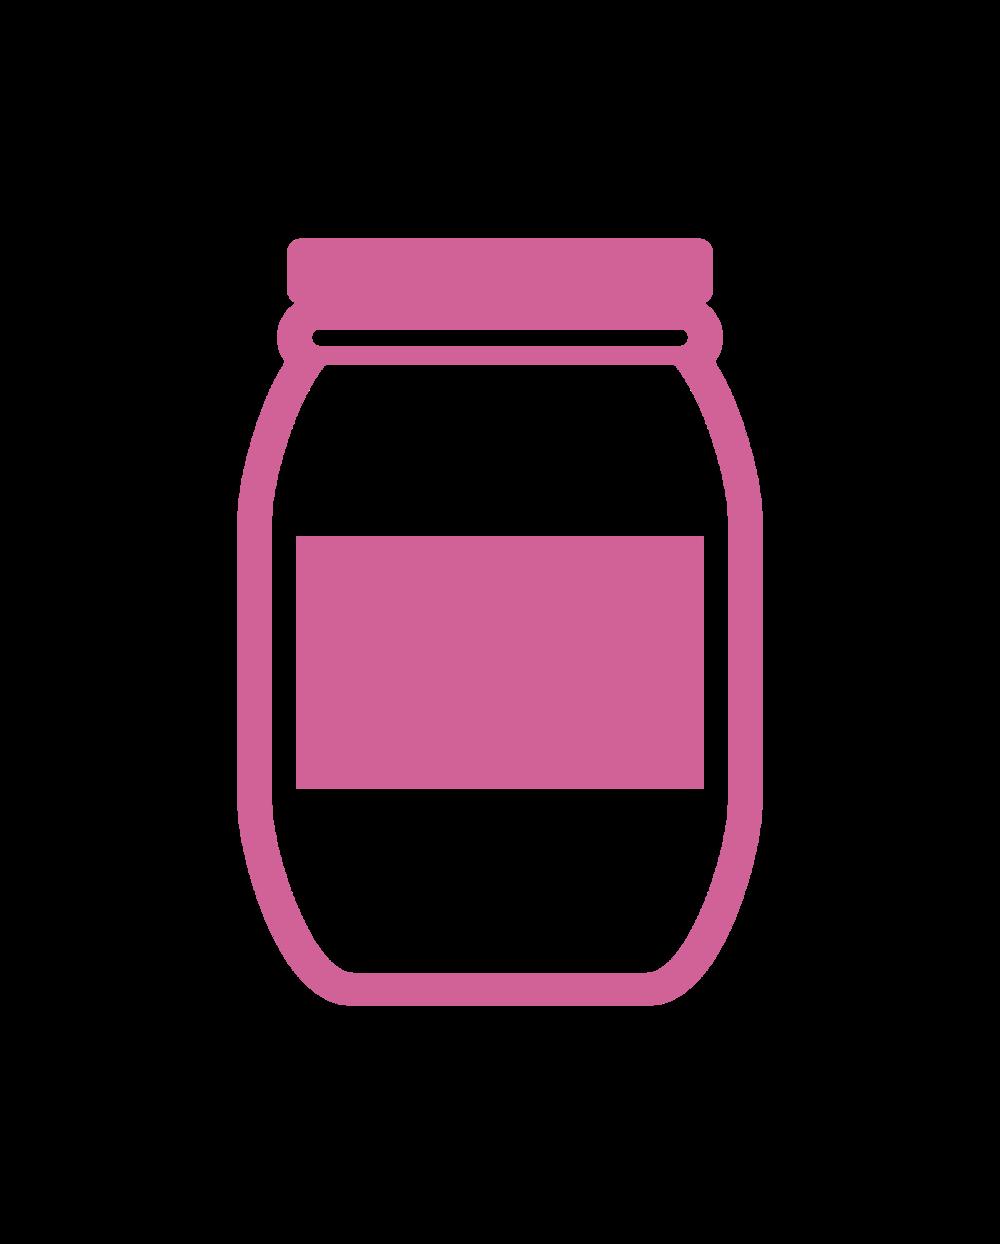 logo (27).png